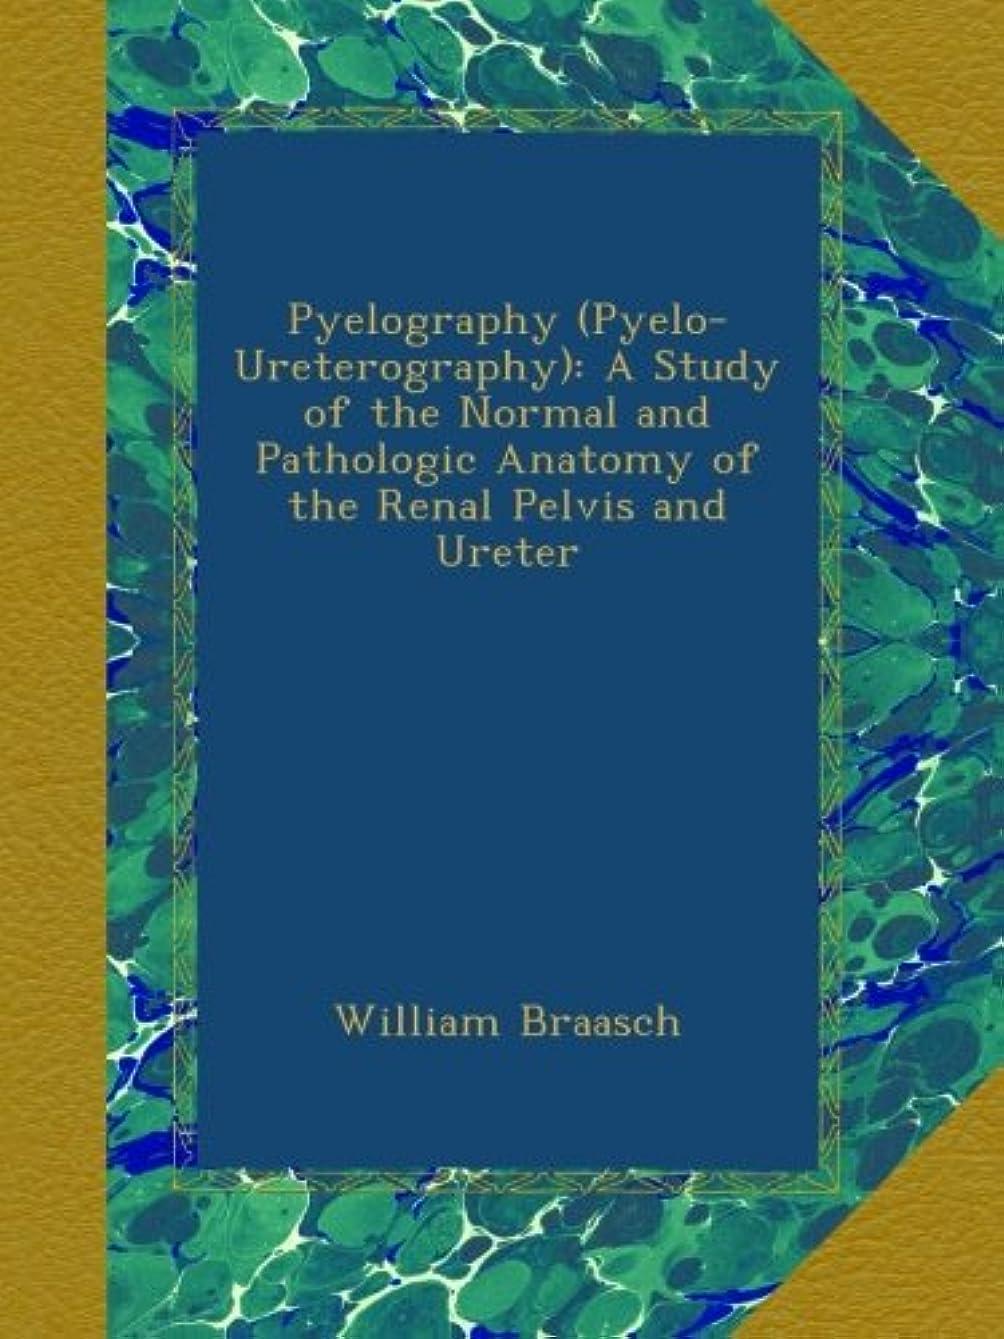 指標傷跡柔らかい足Pyelography (Pyelo-Ureterography): A Study of the Normal and Pathologic Anatomy of the Renal Pelvis and Ureter